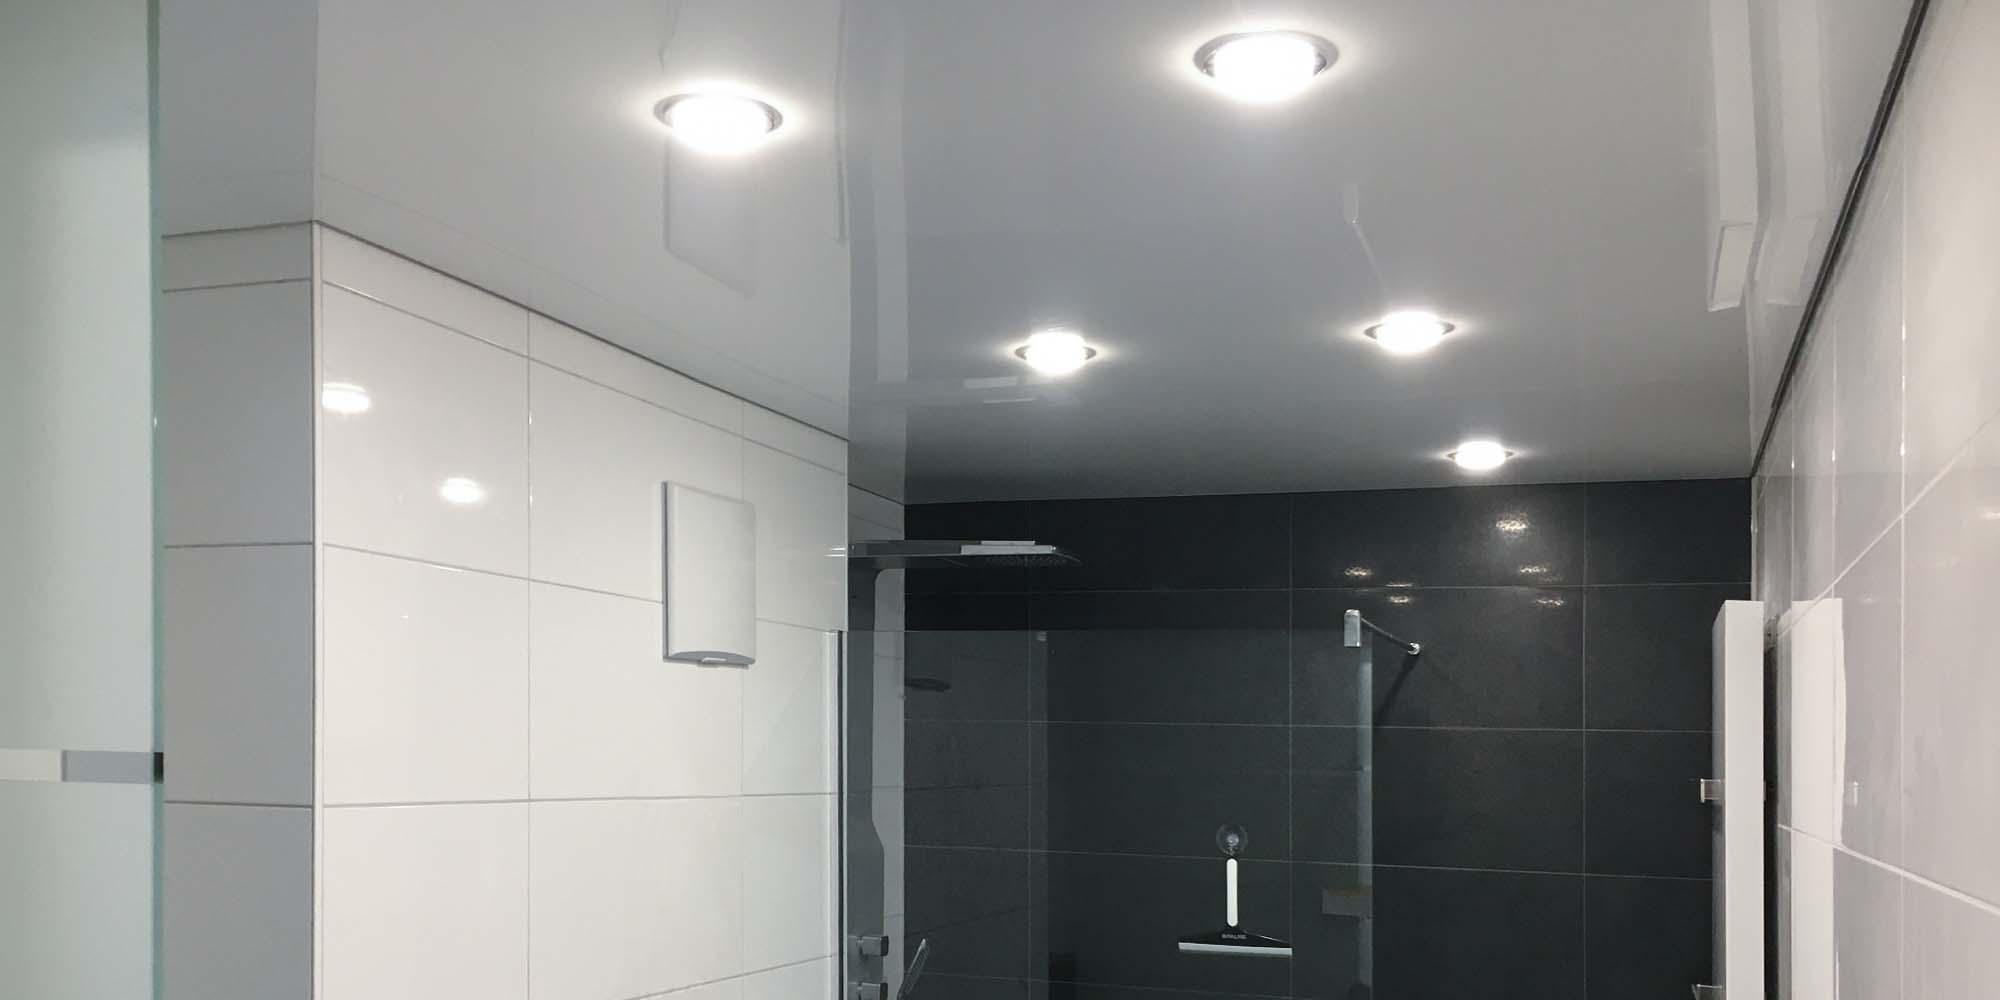 Bekannt Badezimmer renovieren - Stil Spanndecken OQ23